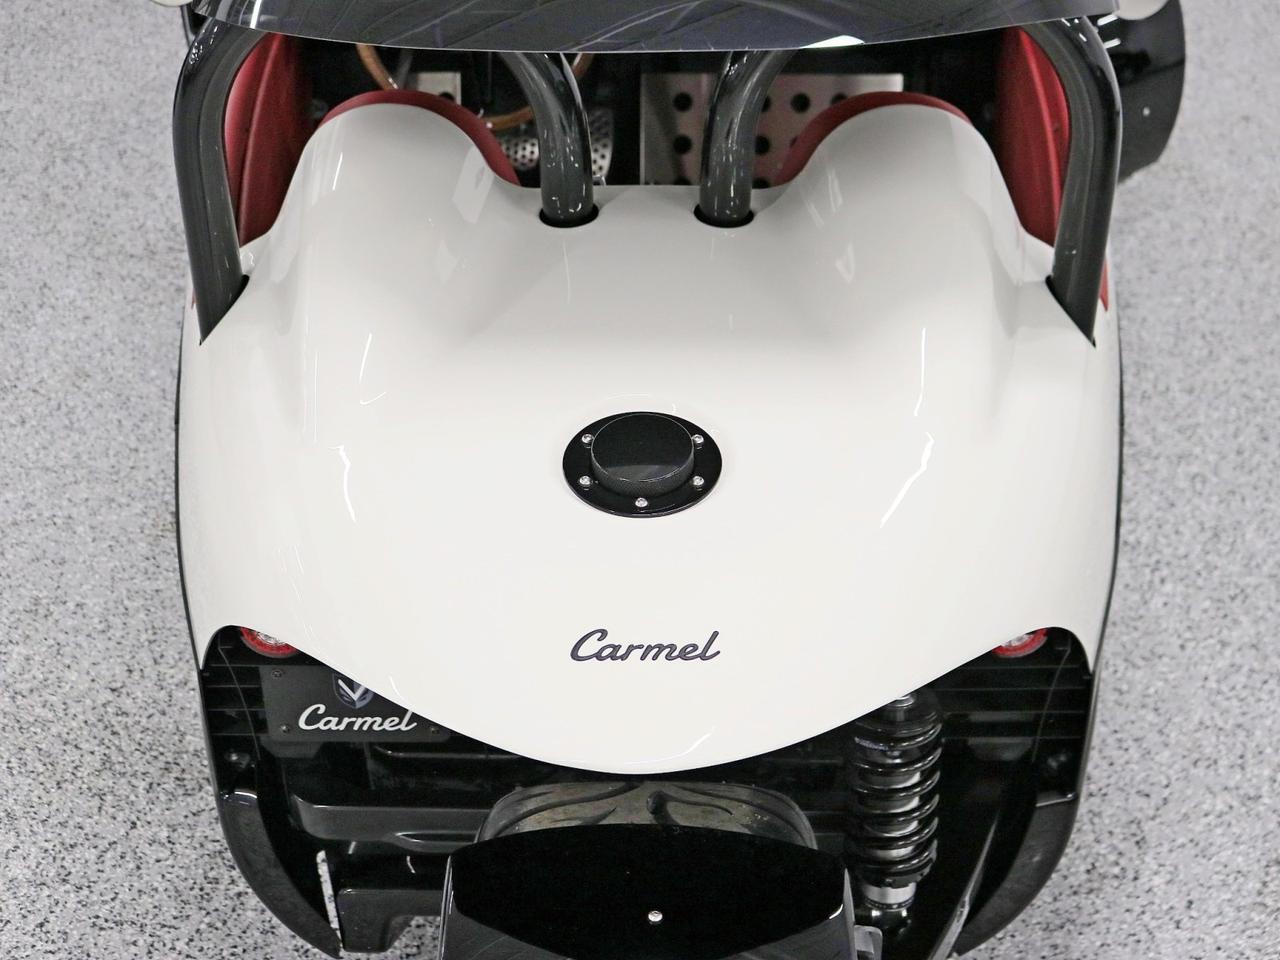 2021 Vanderhall Carmel GTS  Hickory Hills IL